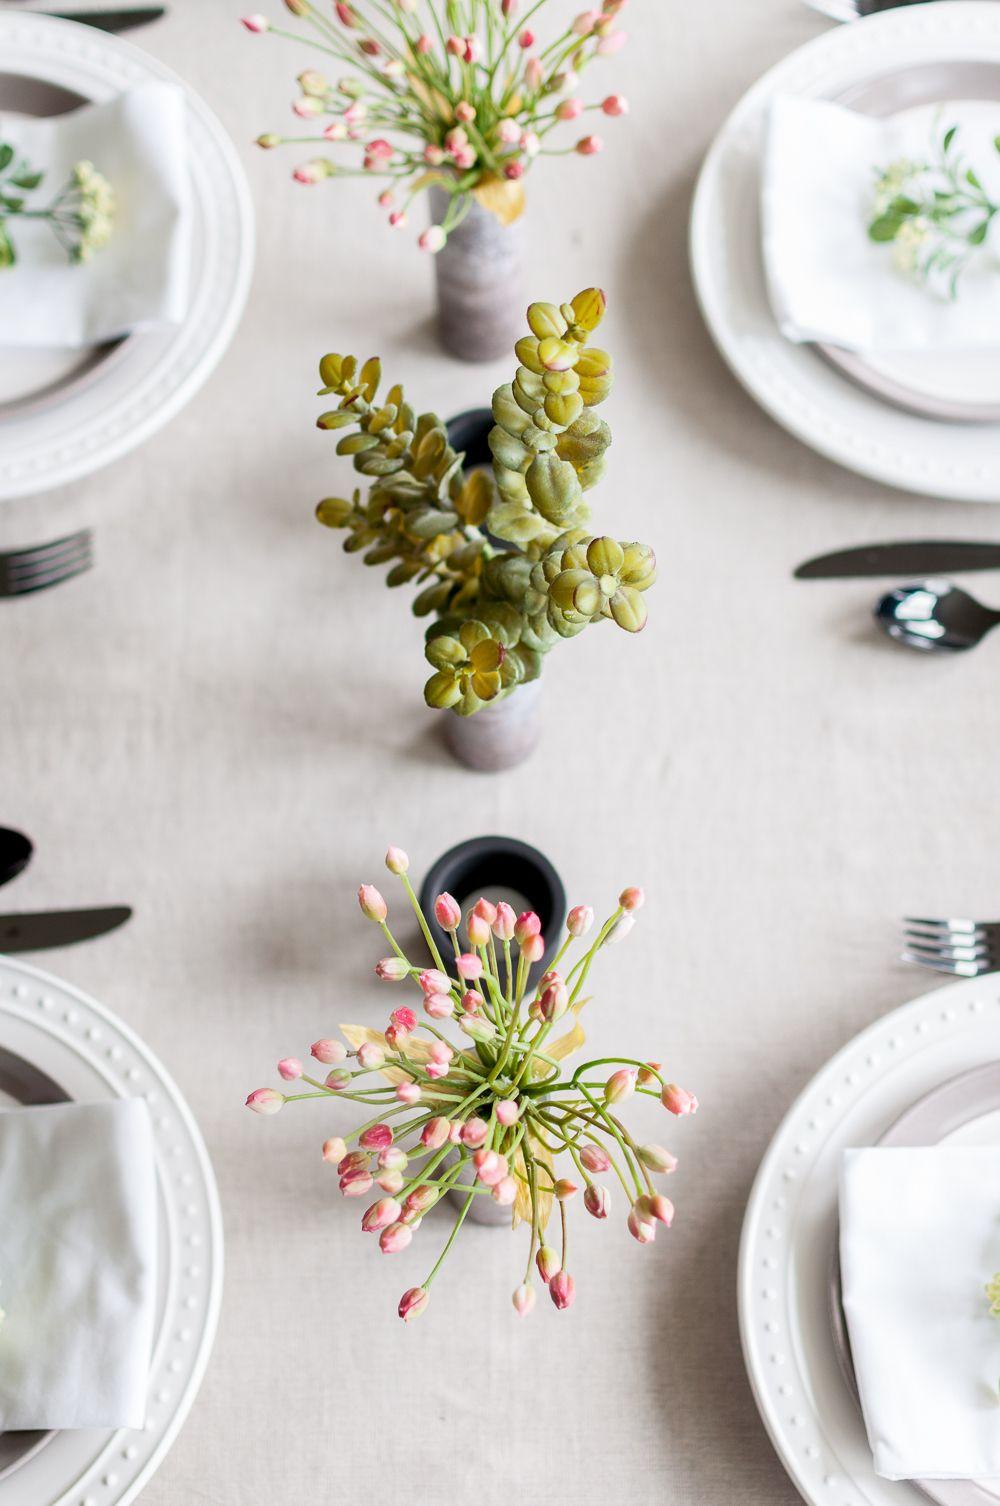 1001 tischdekoration ideen anleitungen zum selbermachen dekoration simple table